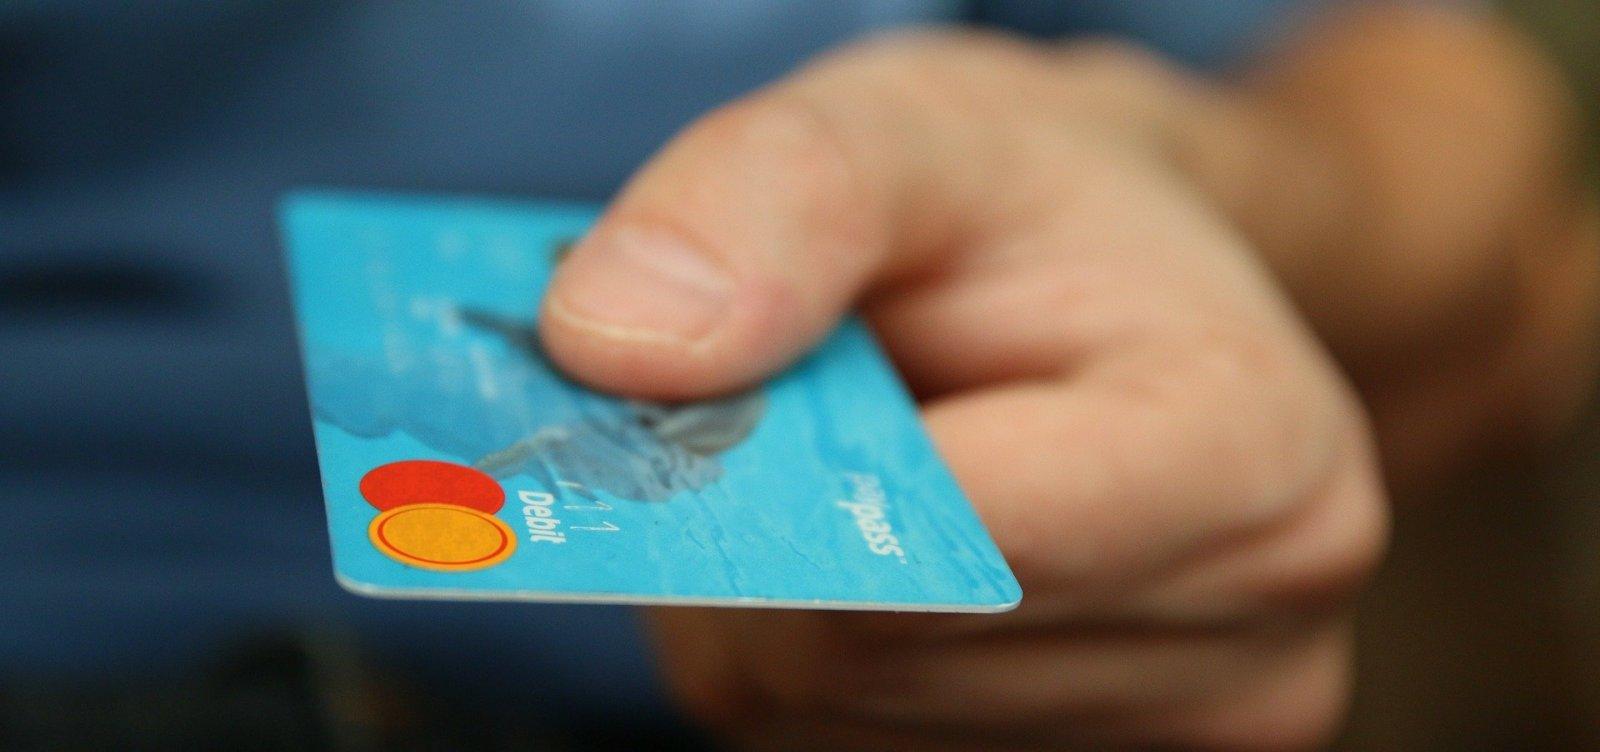 [Pessoas com deficiência visual já podem pedir cartões de crédito em braile]